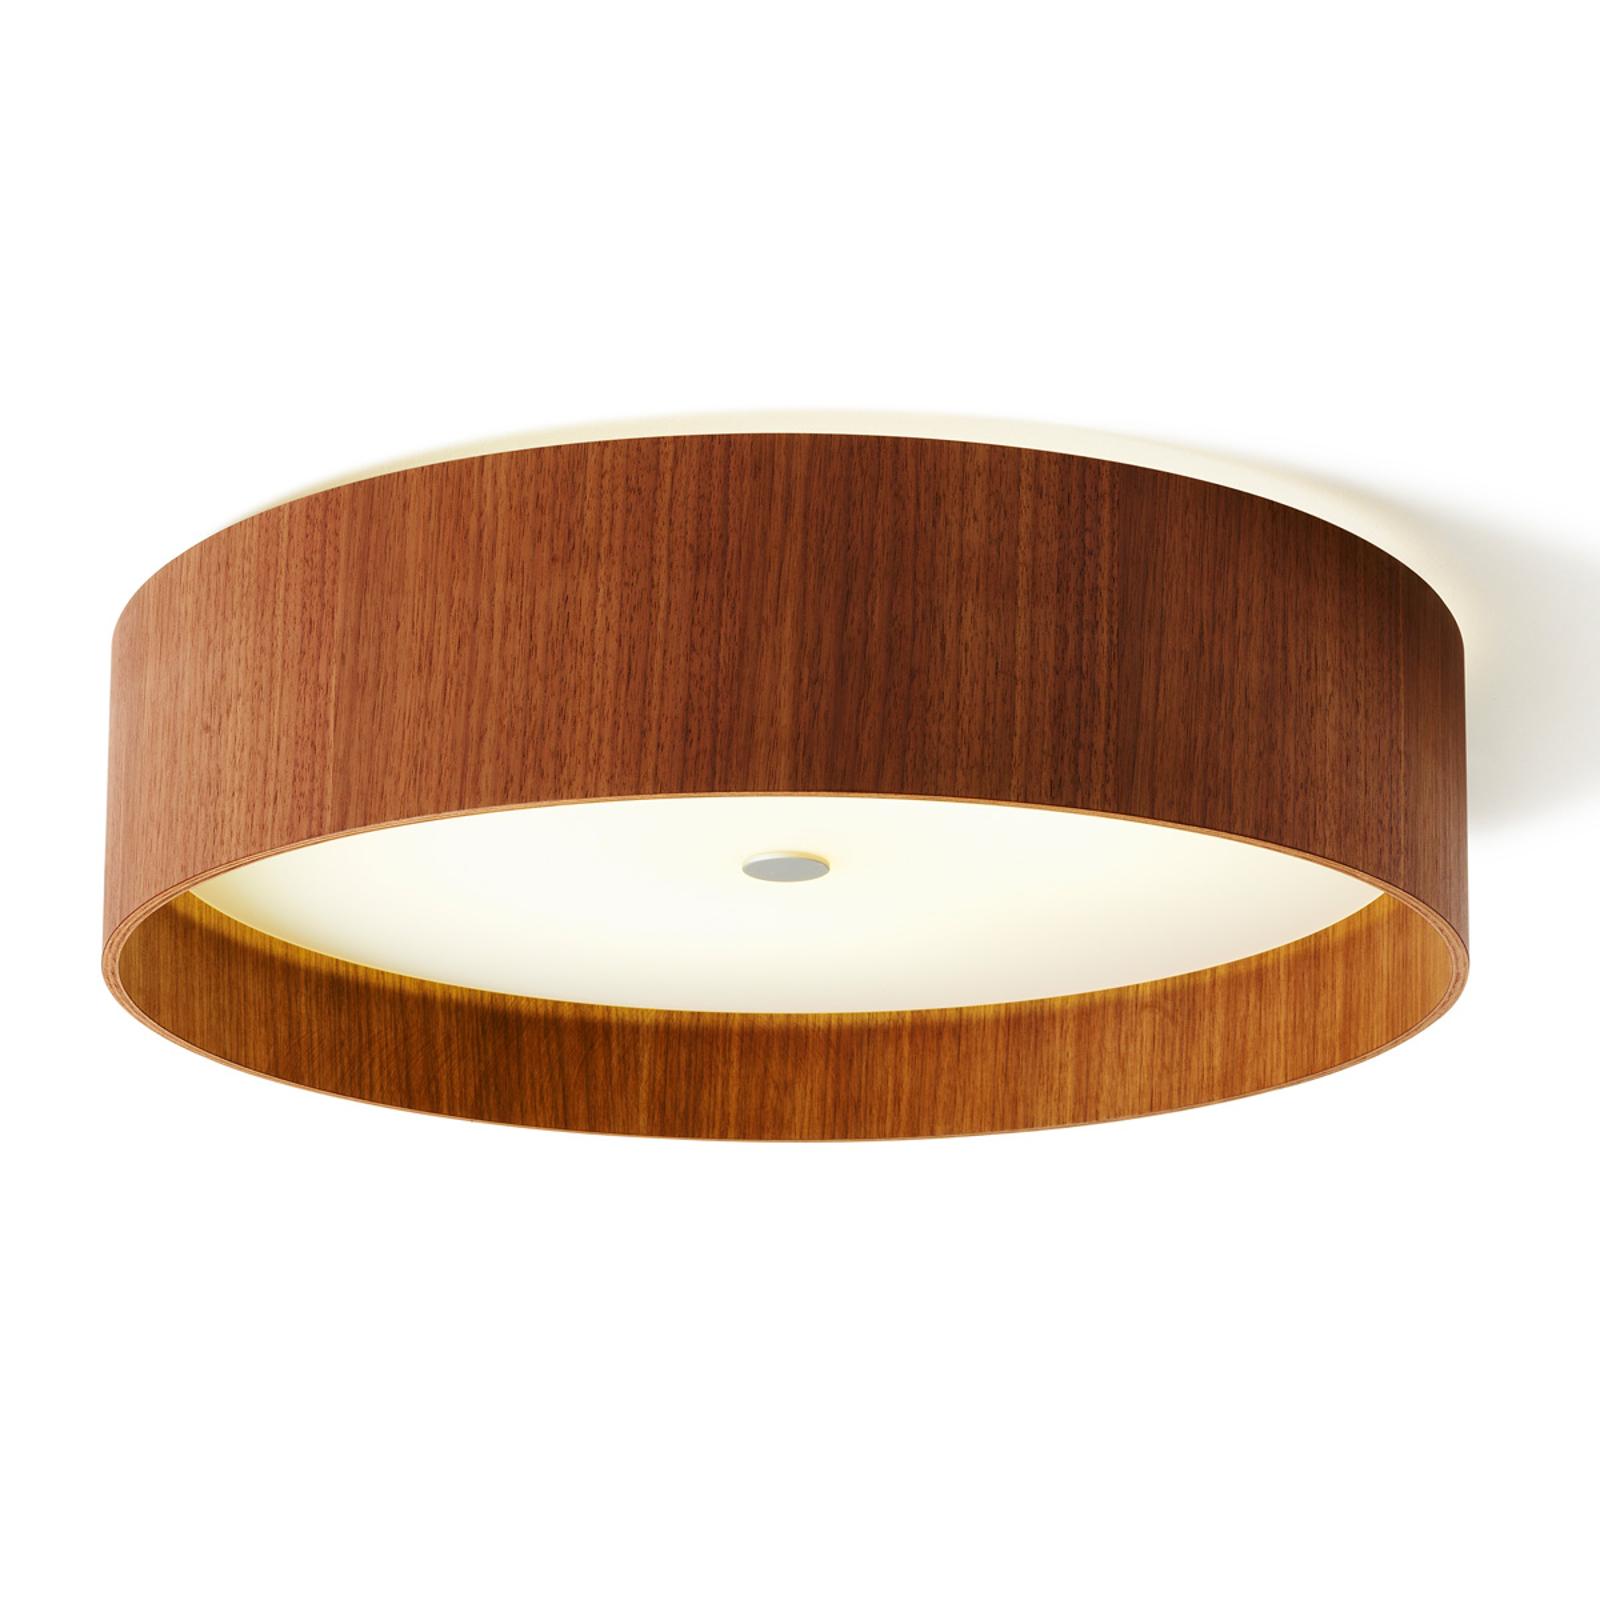 Lara wood - lámpara LED de techo de nogal 55 cm